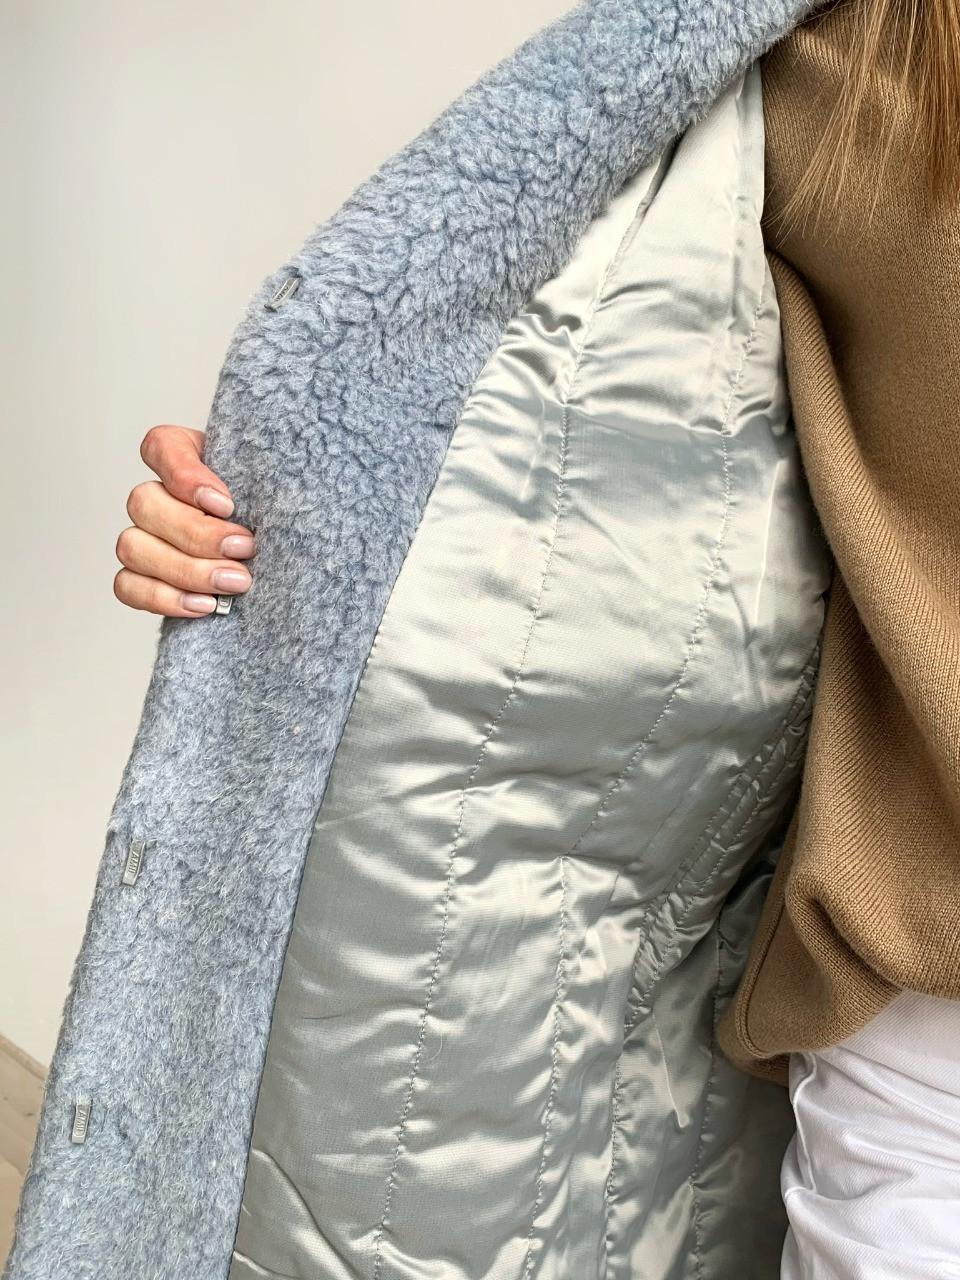 Шуба из натуральной стриженой овечьей шерсти длина 110 см, прорезные карманы, голубой цвет - фото 5